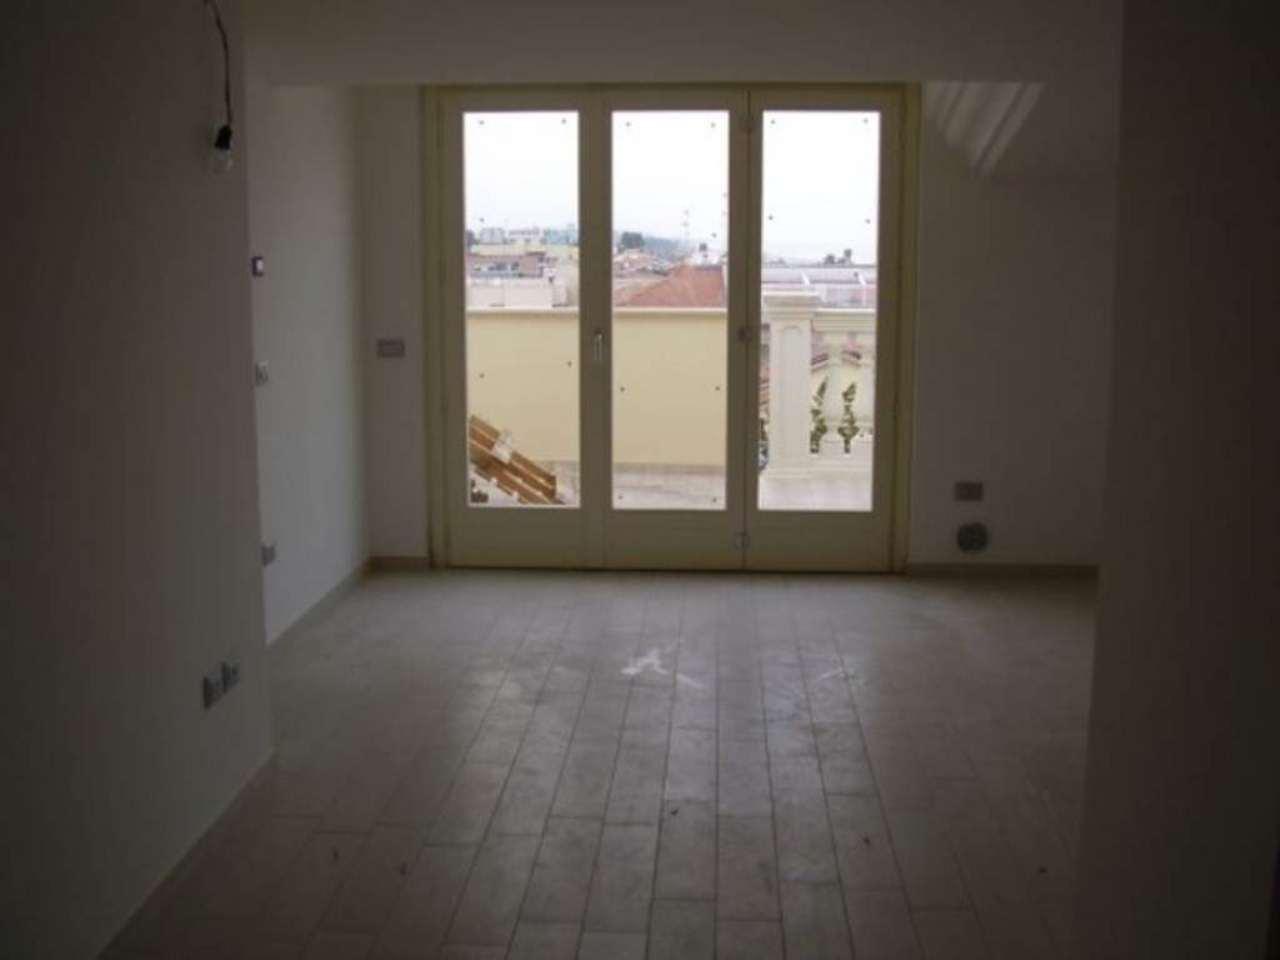 Attico / Mansarda in vendita a Tortoreto, 3 locali, prezzo € 300.000 | Cambio Casa.it